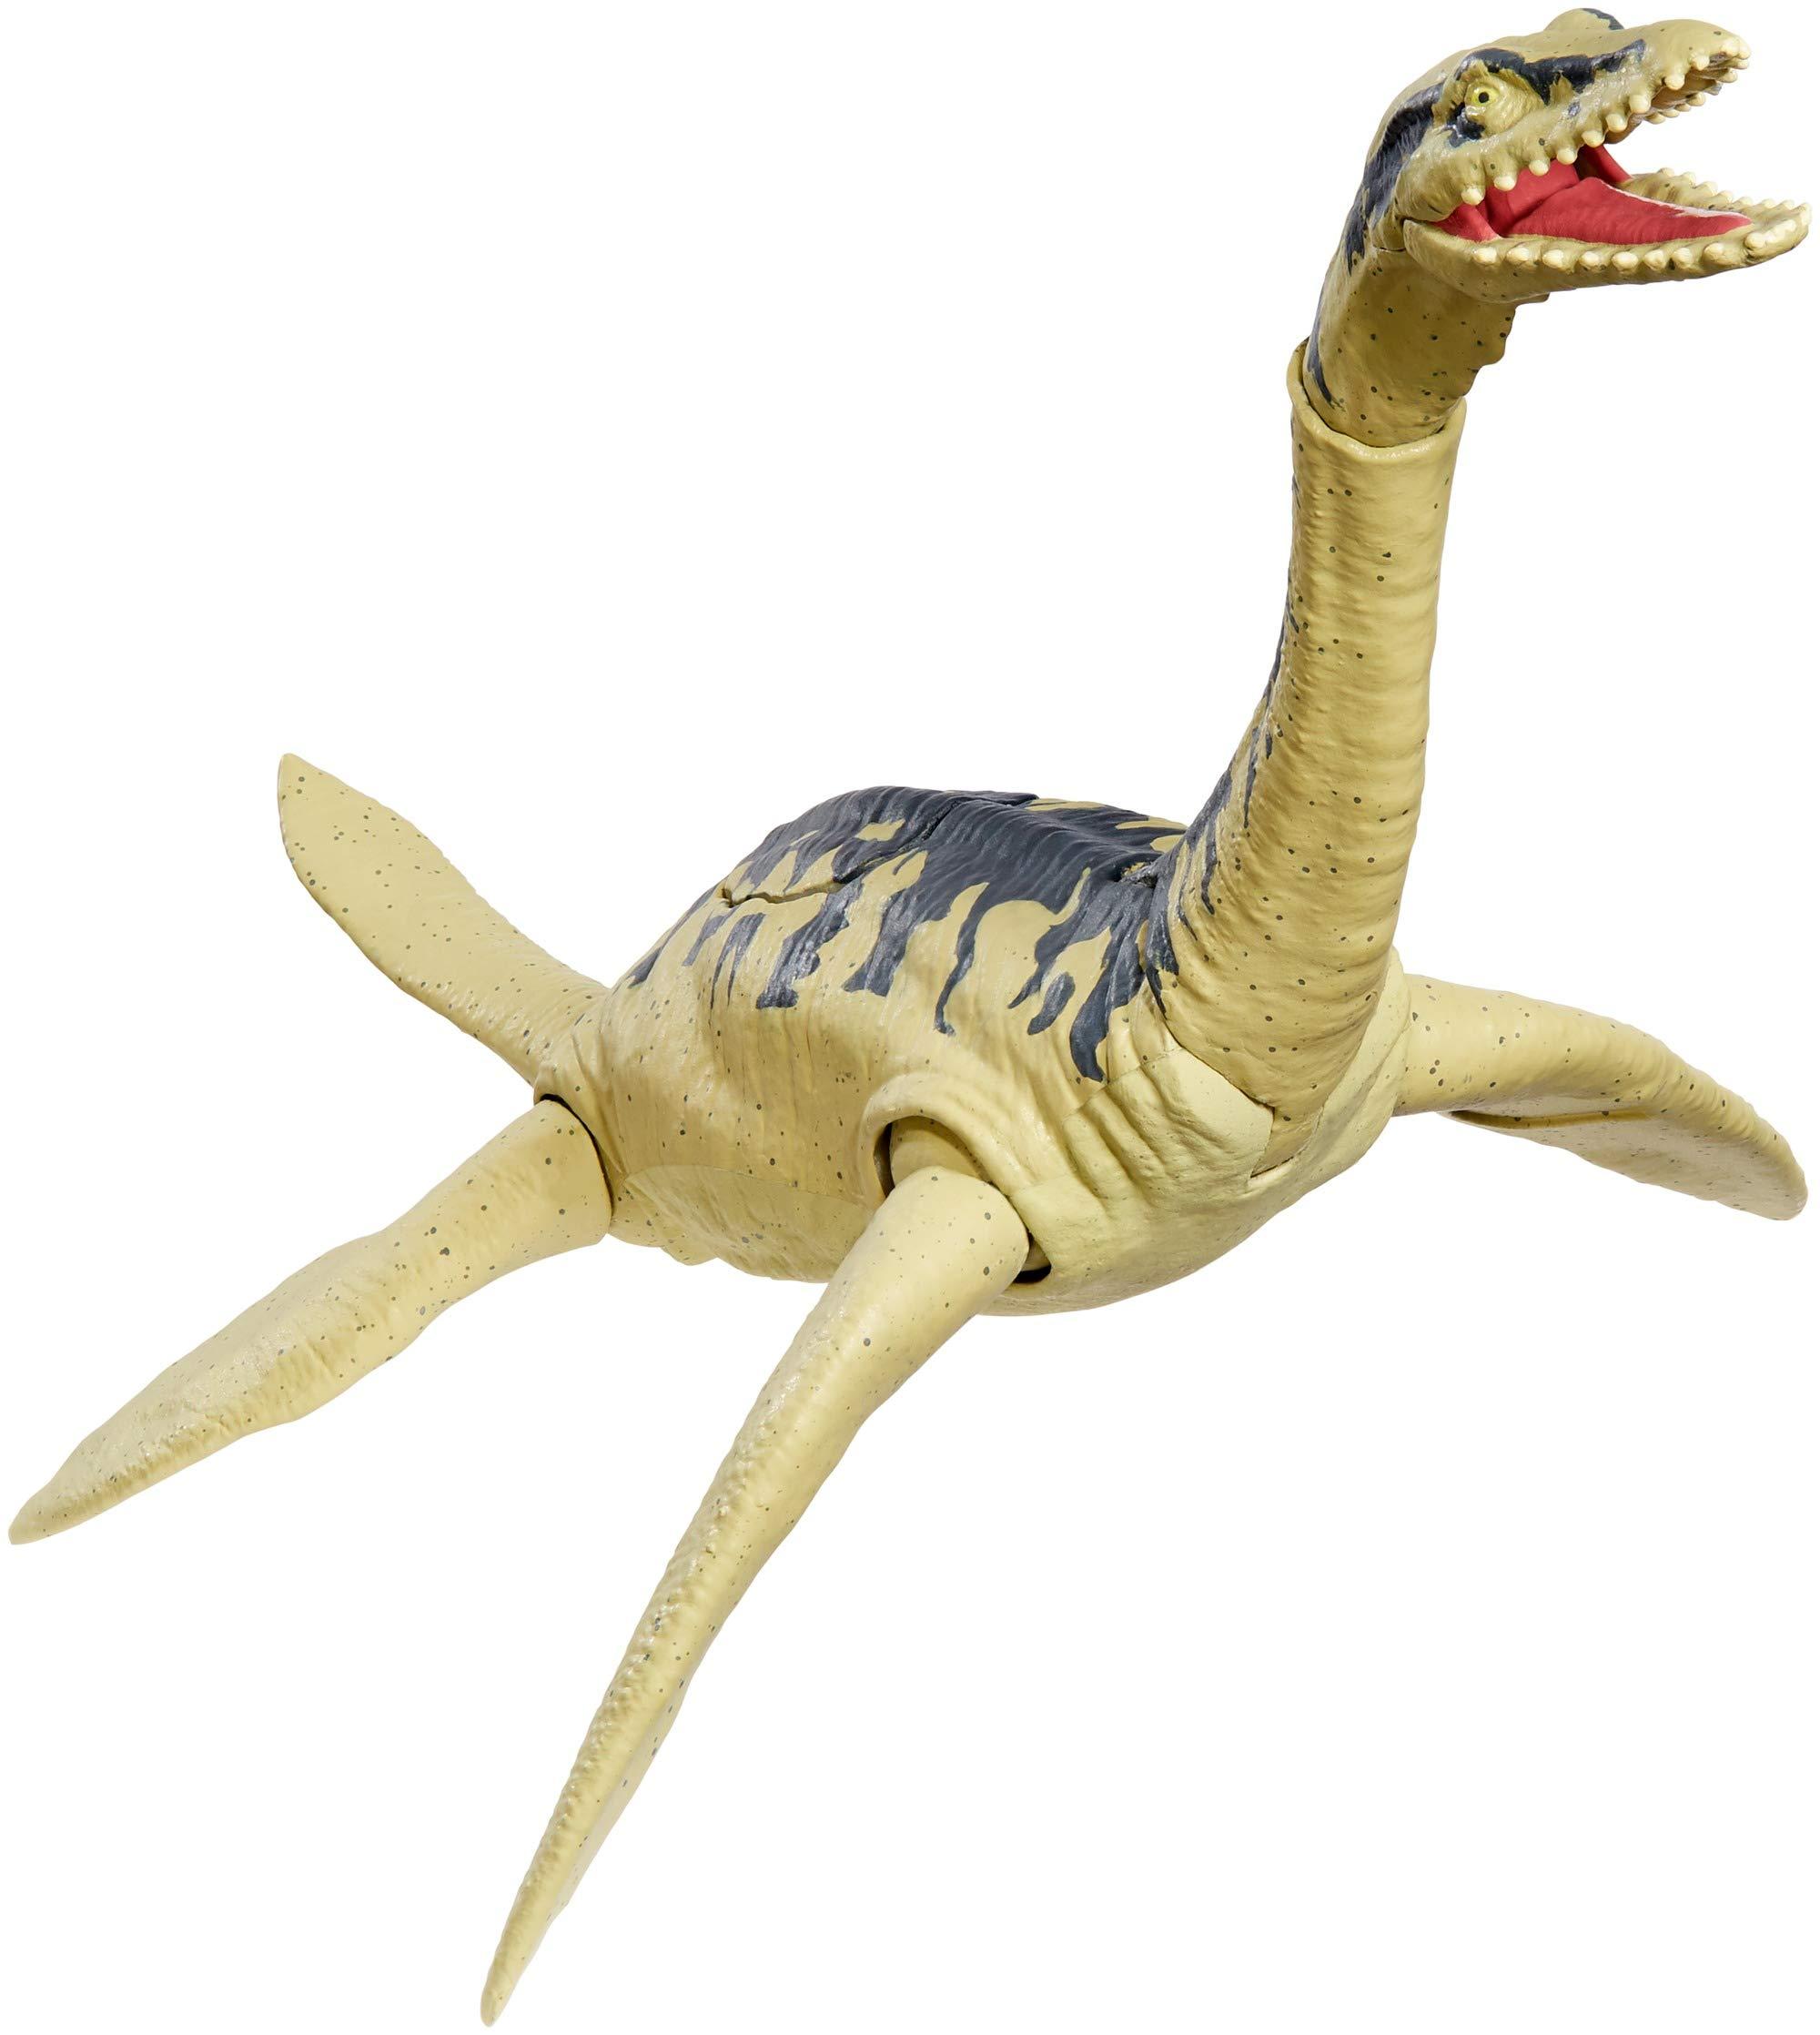 Dinosaurio De Juguete Mattel Gfg79 Quetzalcoatlus Jurassic World Mega Ataque Doble Dinosaurios Y Criaturas Prehistoricas Los dinosaurios vuelven a caminar por la tierra, miles de años después de su extinción, el cine rescata esta saga que gusta tanto a niños como a los adolescentes. dinosaurio de juguete mattel gfg79